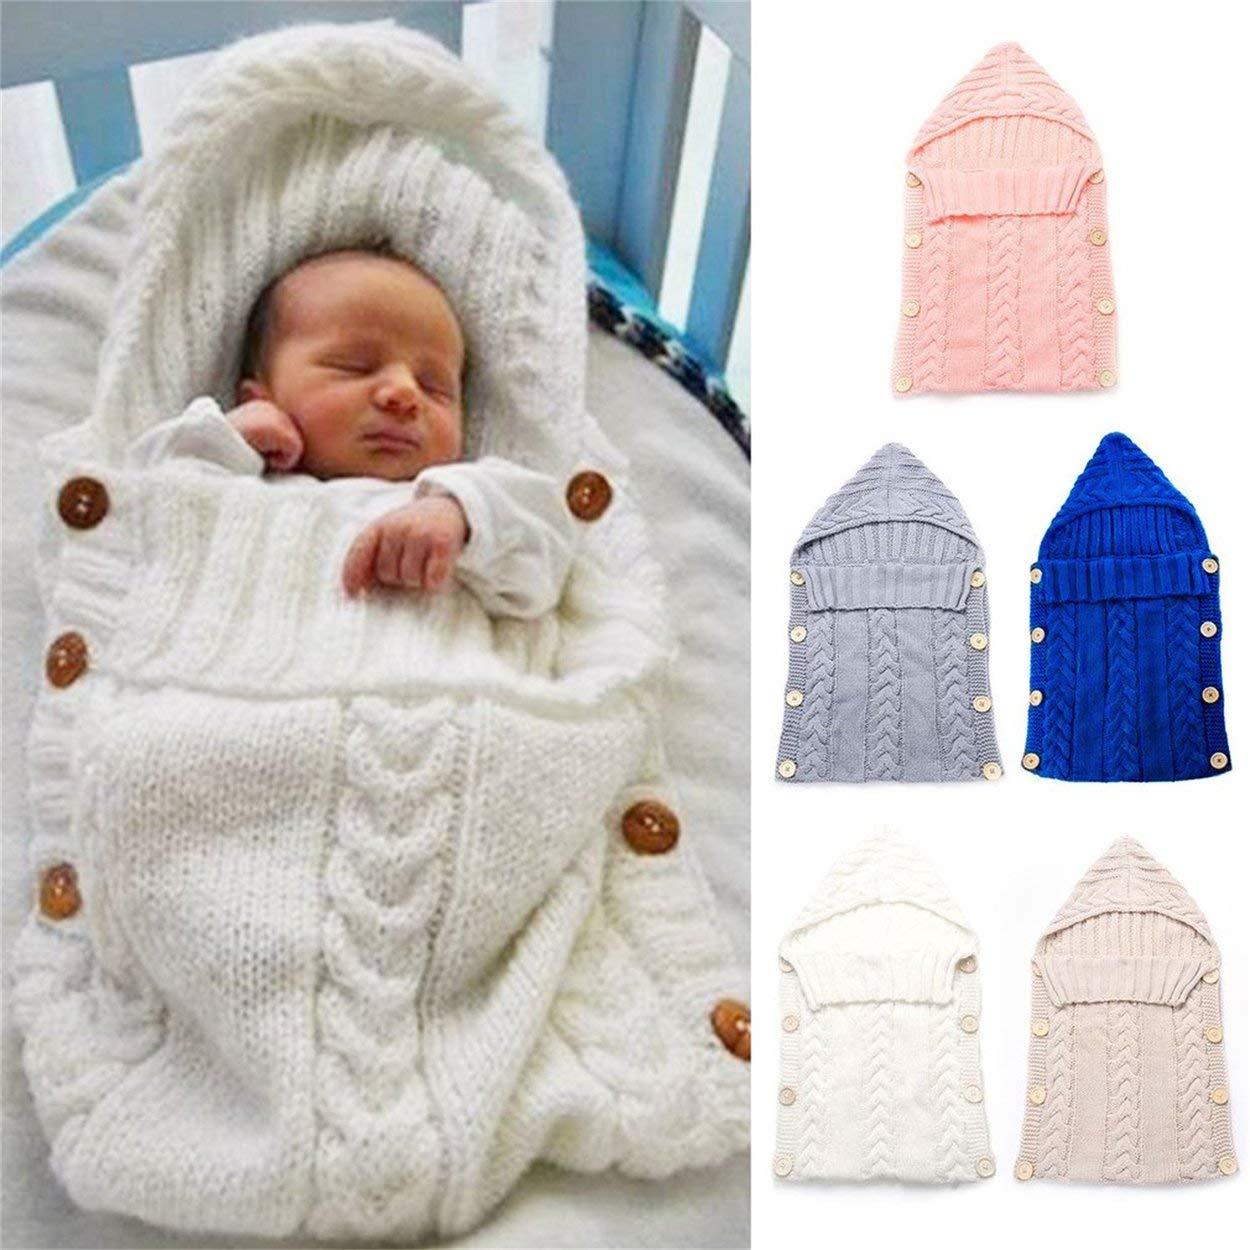 Lorenlli Saco de dormir para bebés recién nacidos Fibras de acrílico Sudaderas con capucha Swaddle Wrap Grueso cálido bebé Estera de dormir Manta Swaddling Sweater